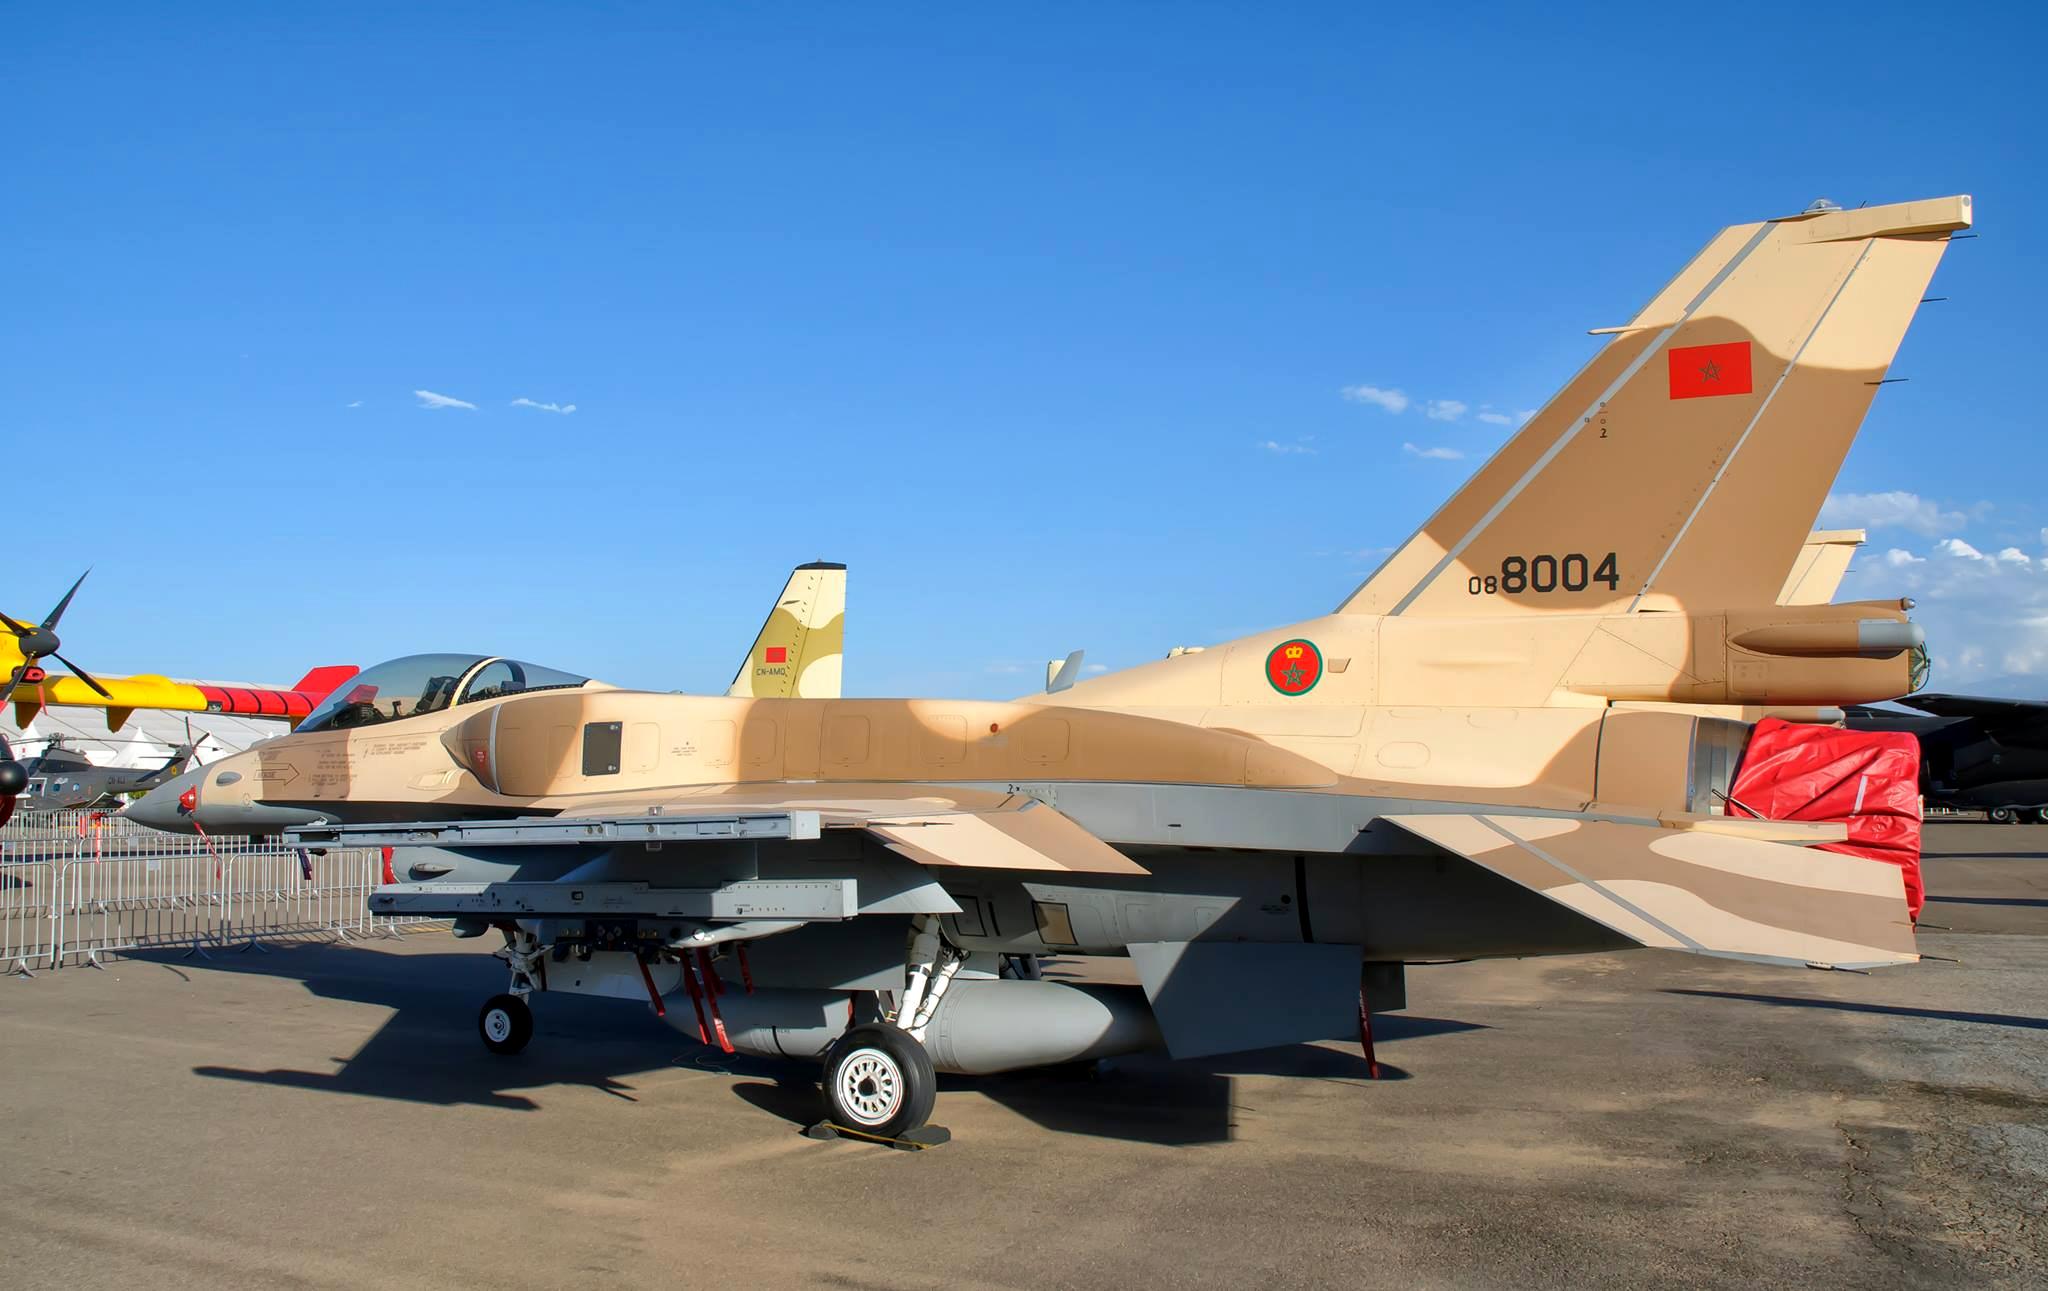 القوات الجوية الملكية المغربية - متجدد - - صفحة 2 160201071016158095